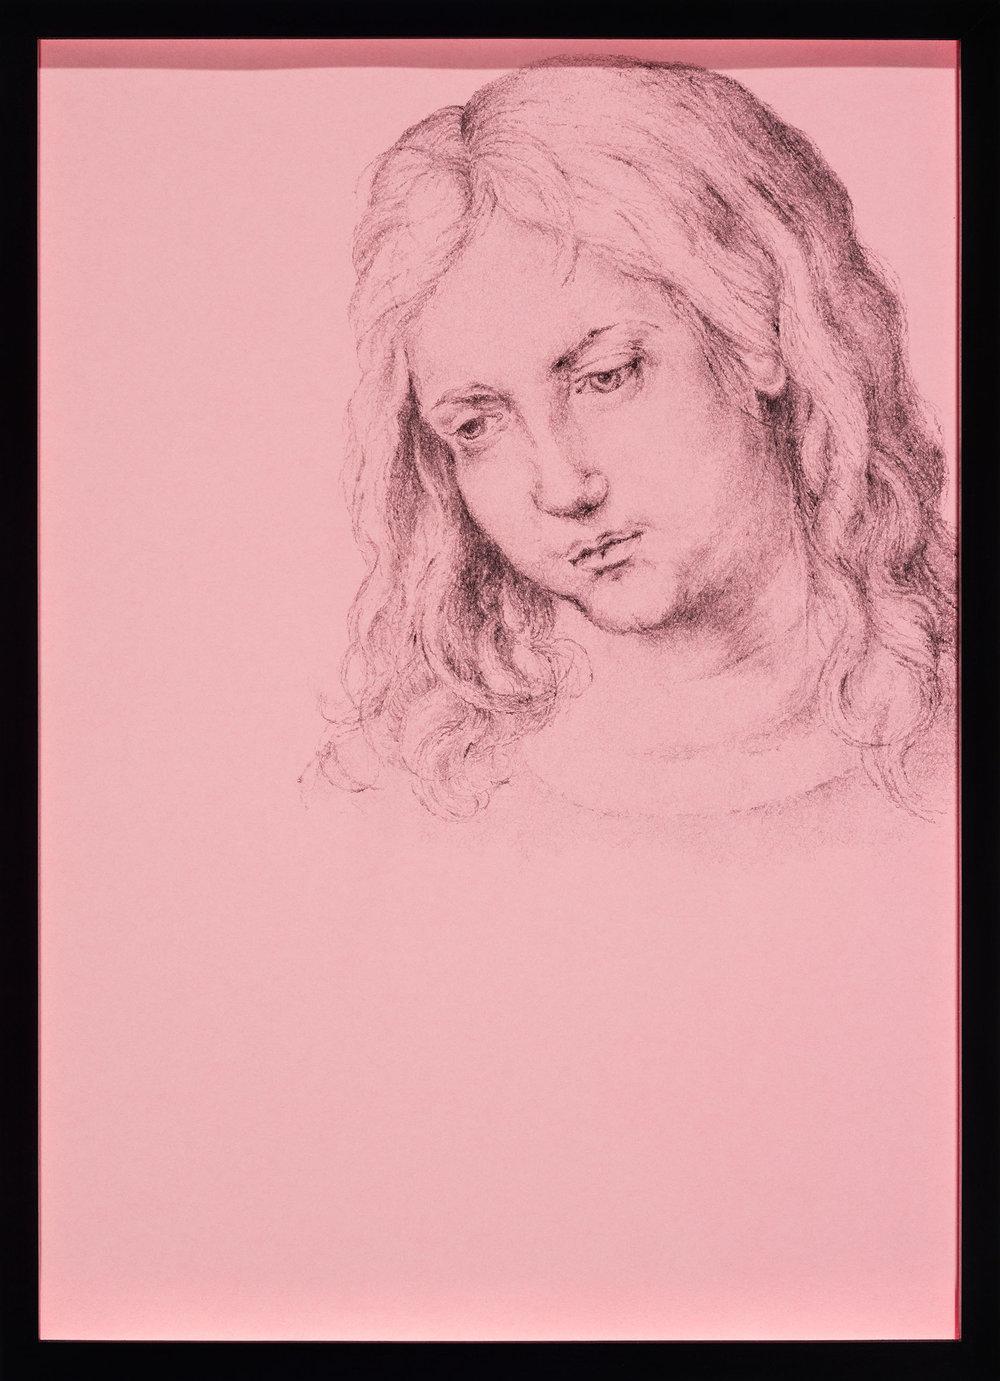 Der Kopf des zwölfjährigen Jesus, A. D. in anderer Zeichentechnik , 2014  pencil on pink paper  43,5 × 31,5 cm